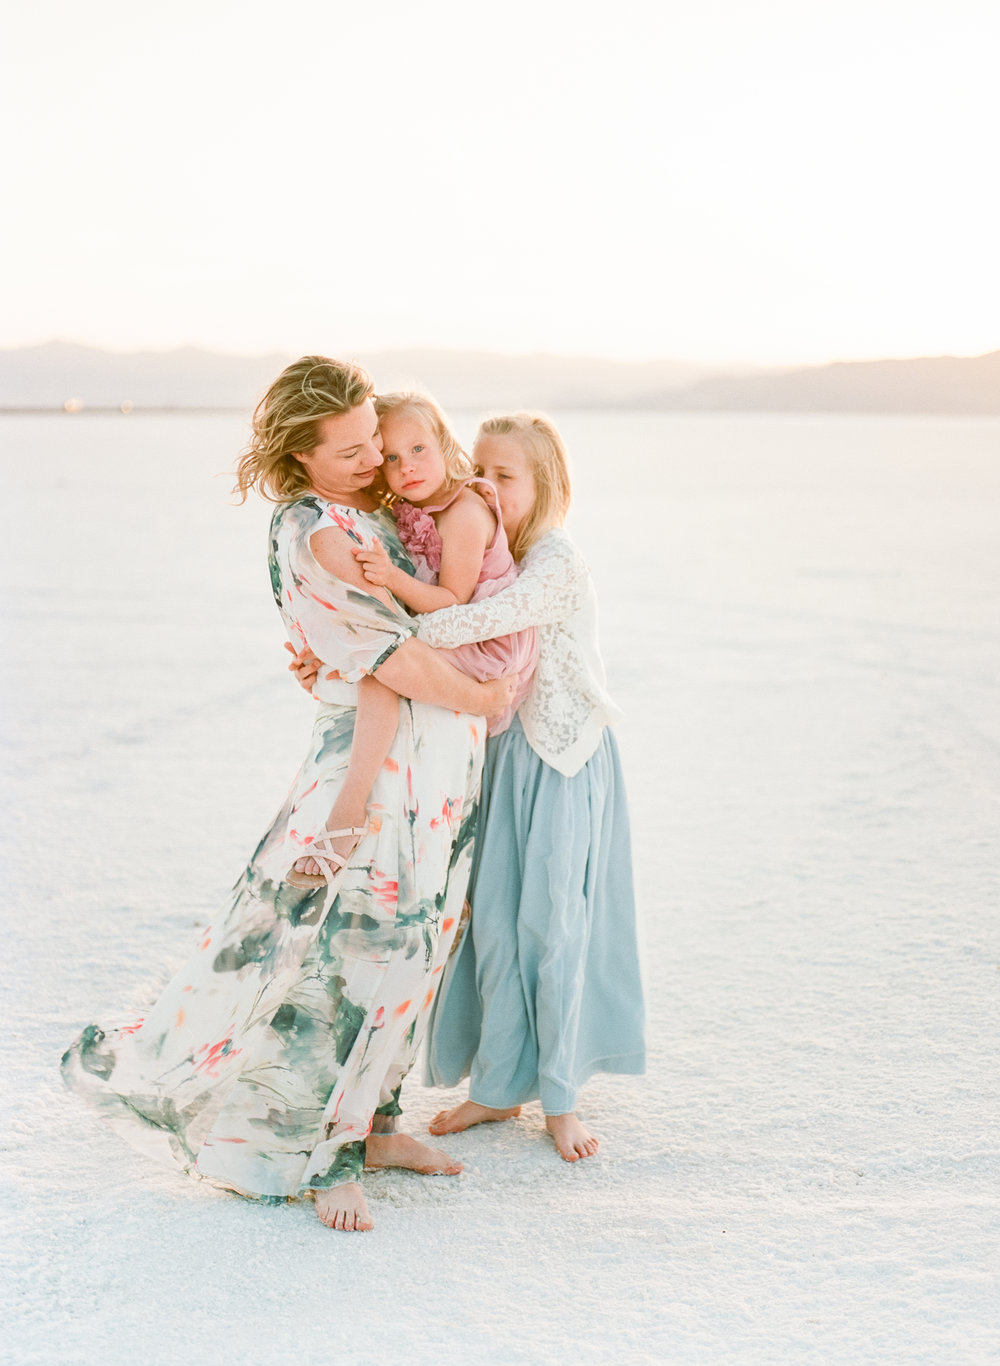 travel-family-film-photographer-salt-flats-utah-005